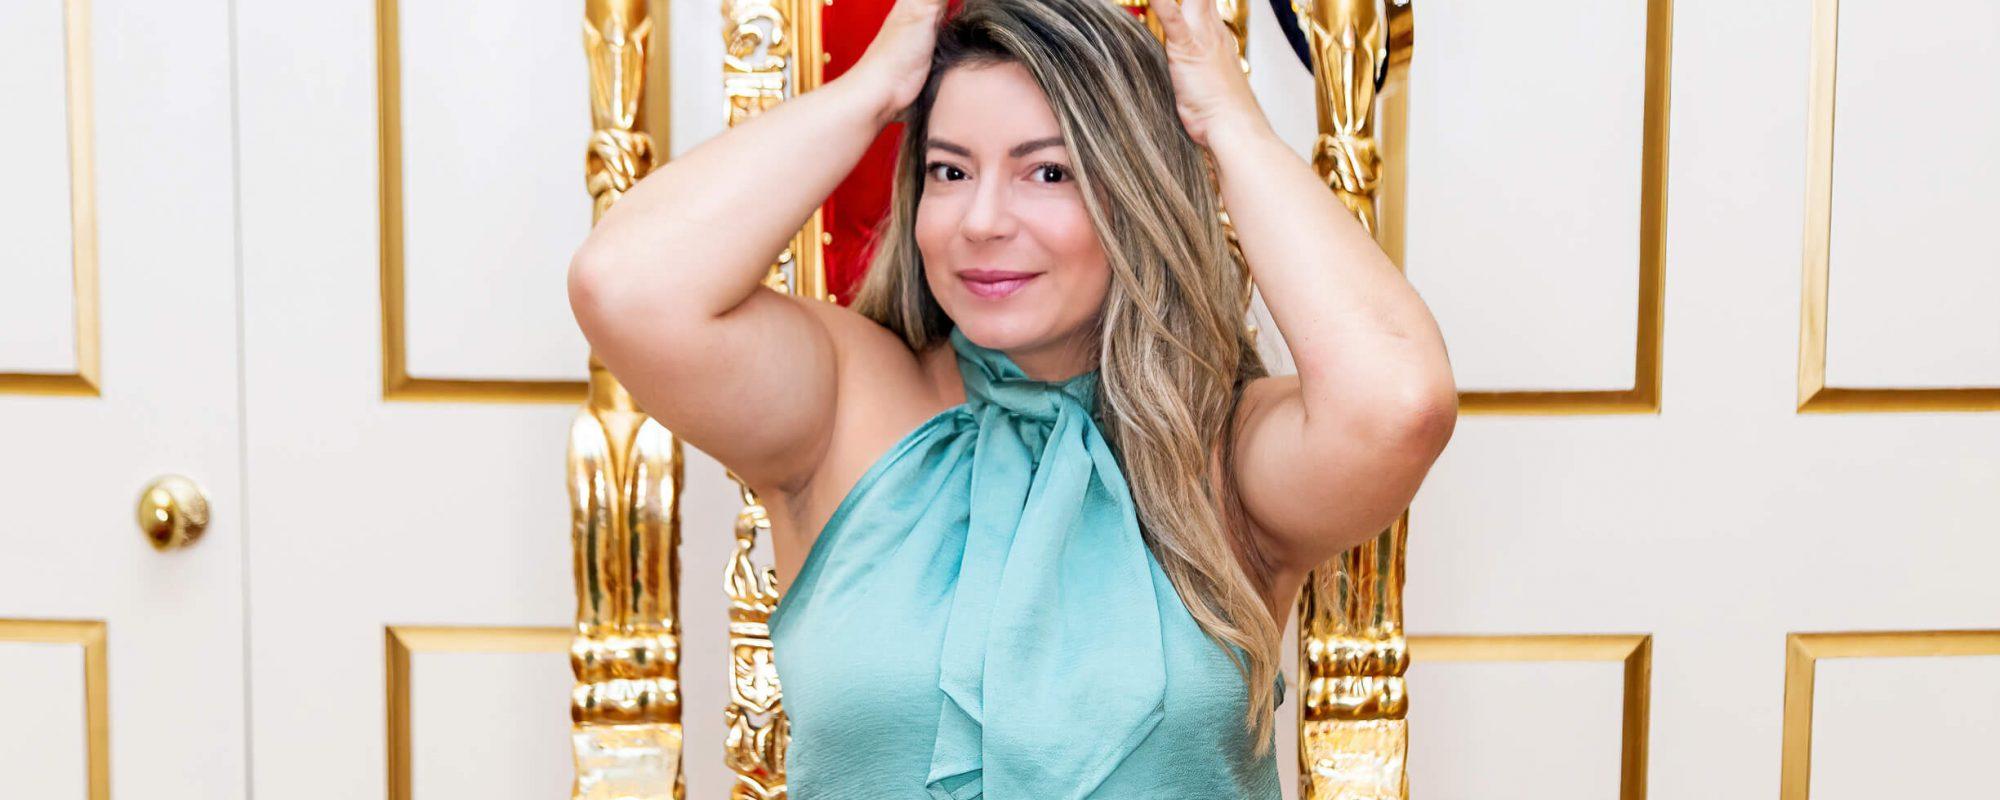 Giselle Monteiro